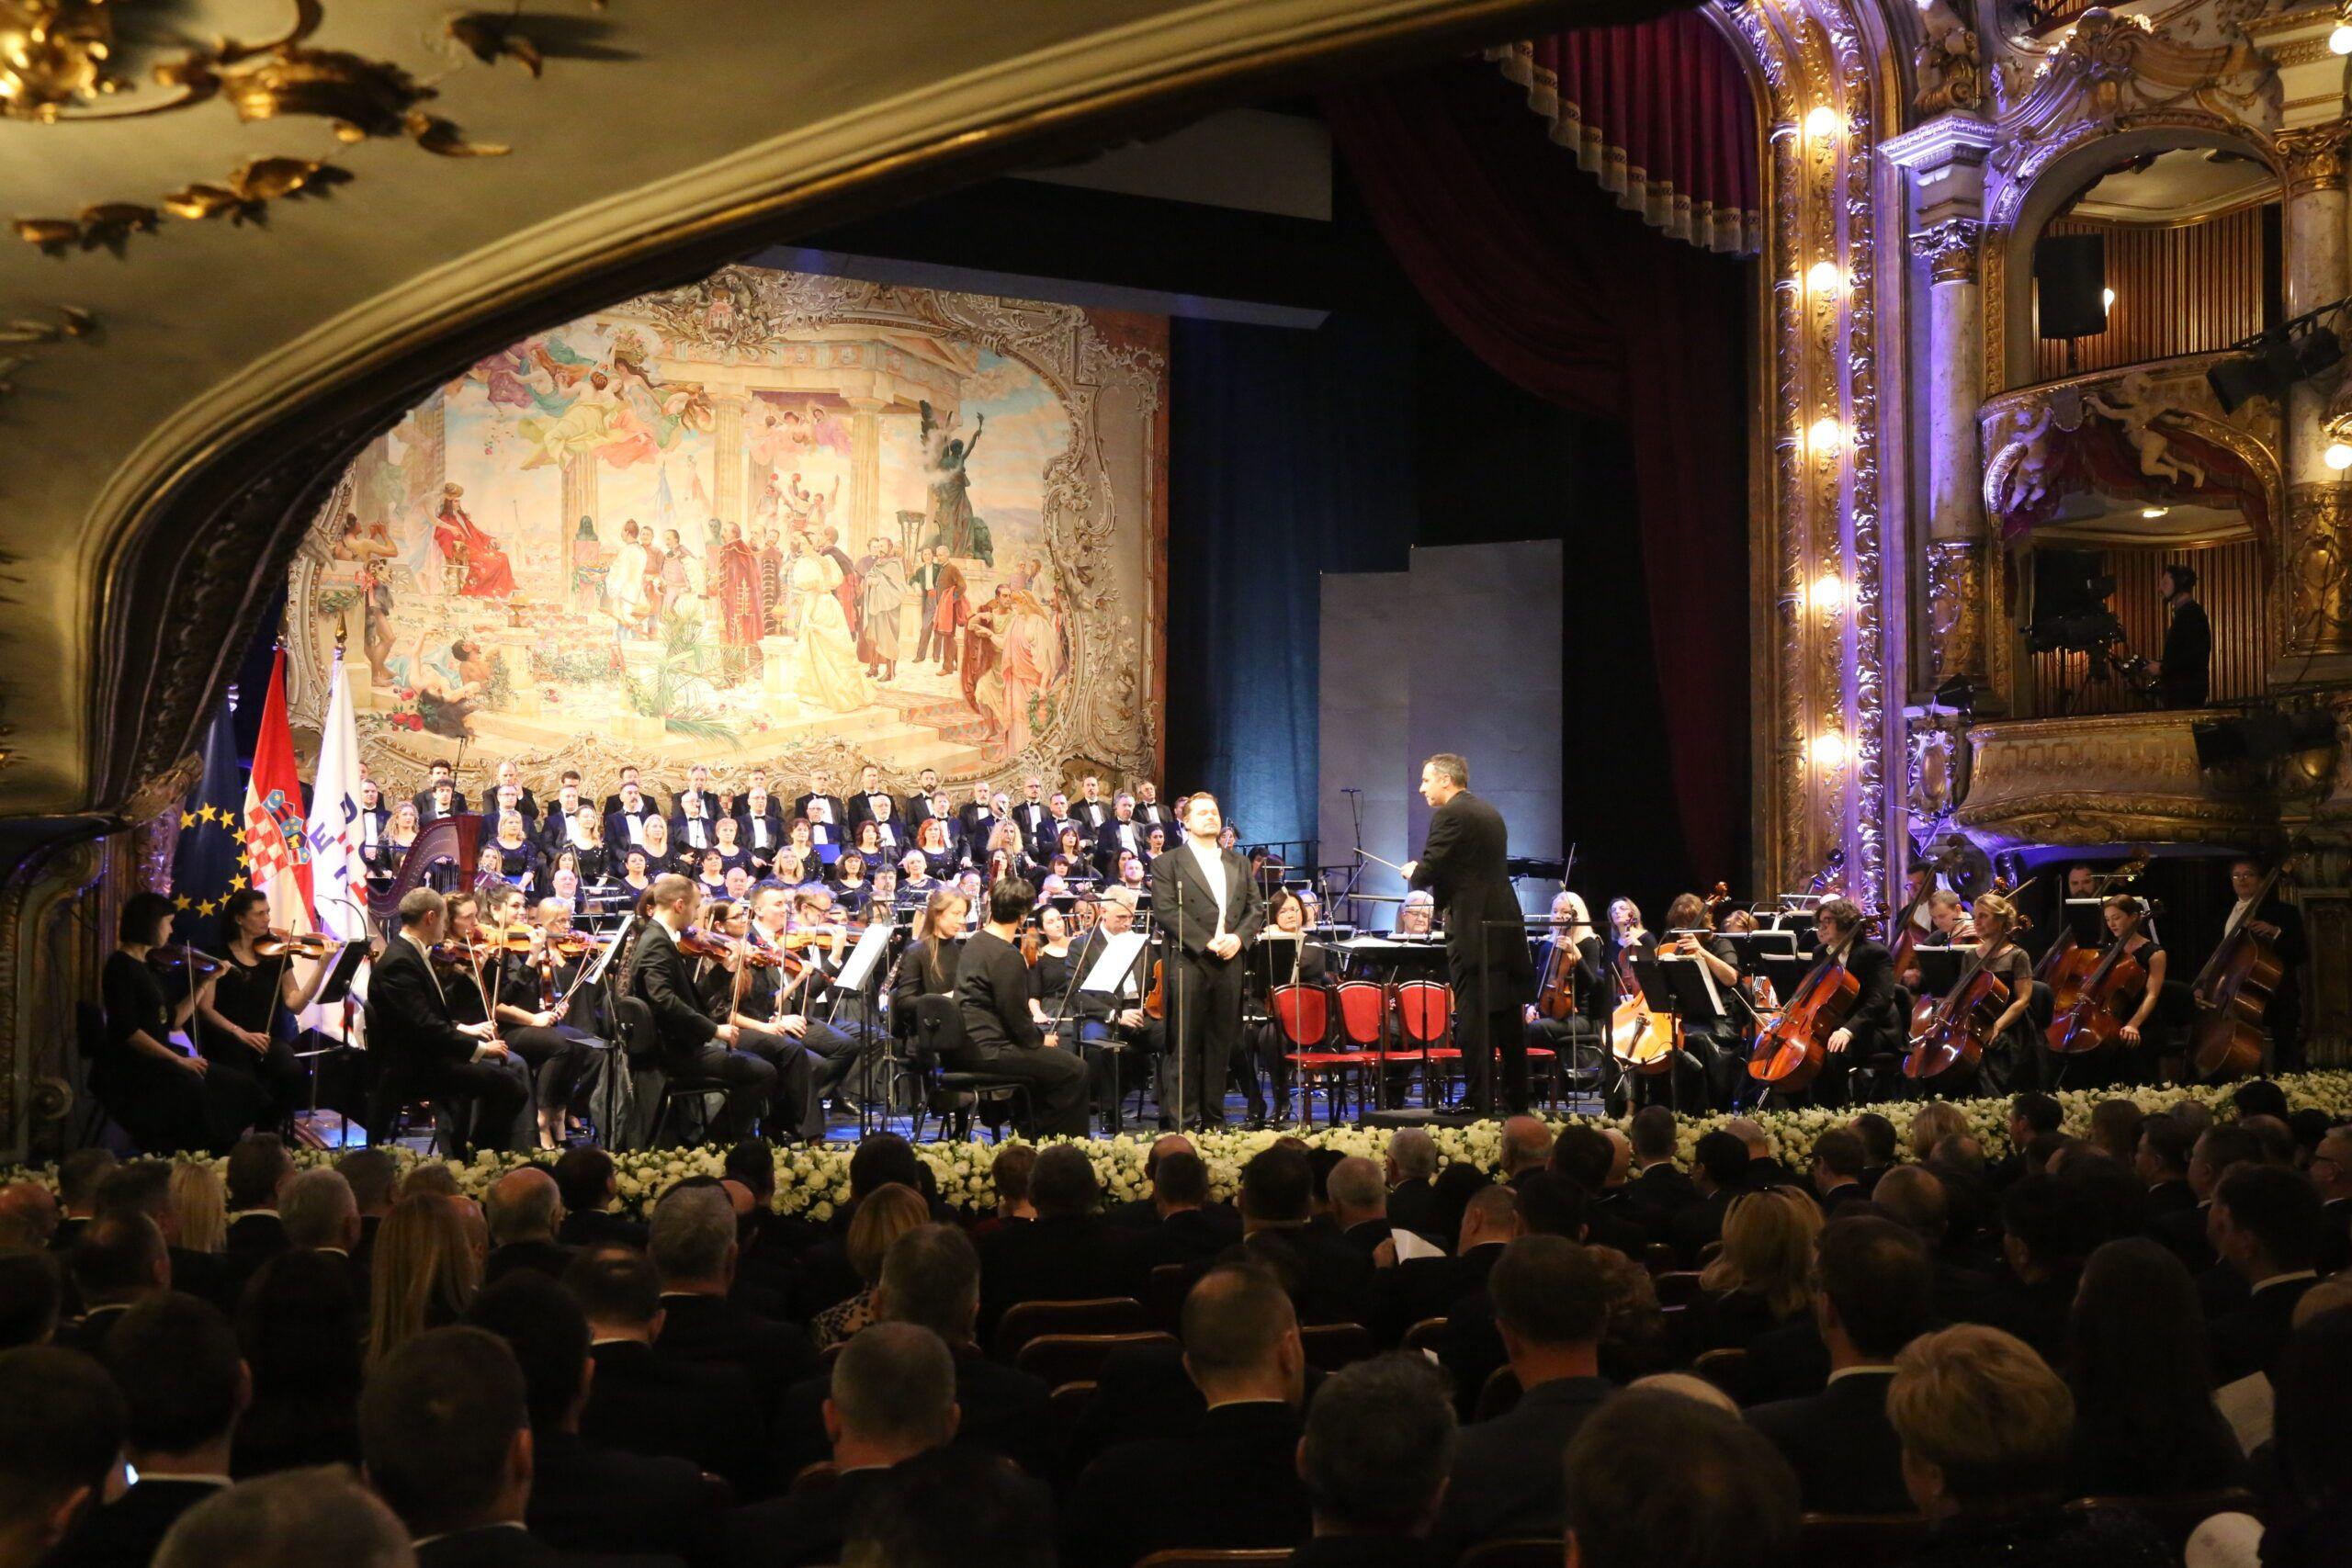 Gala koncert u povodu 150. godišnjice osnutka Opere HNK u Zagrebu